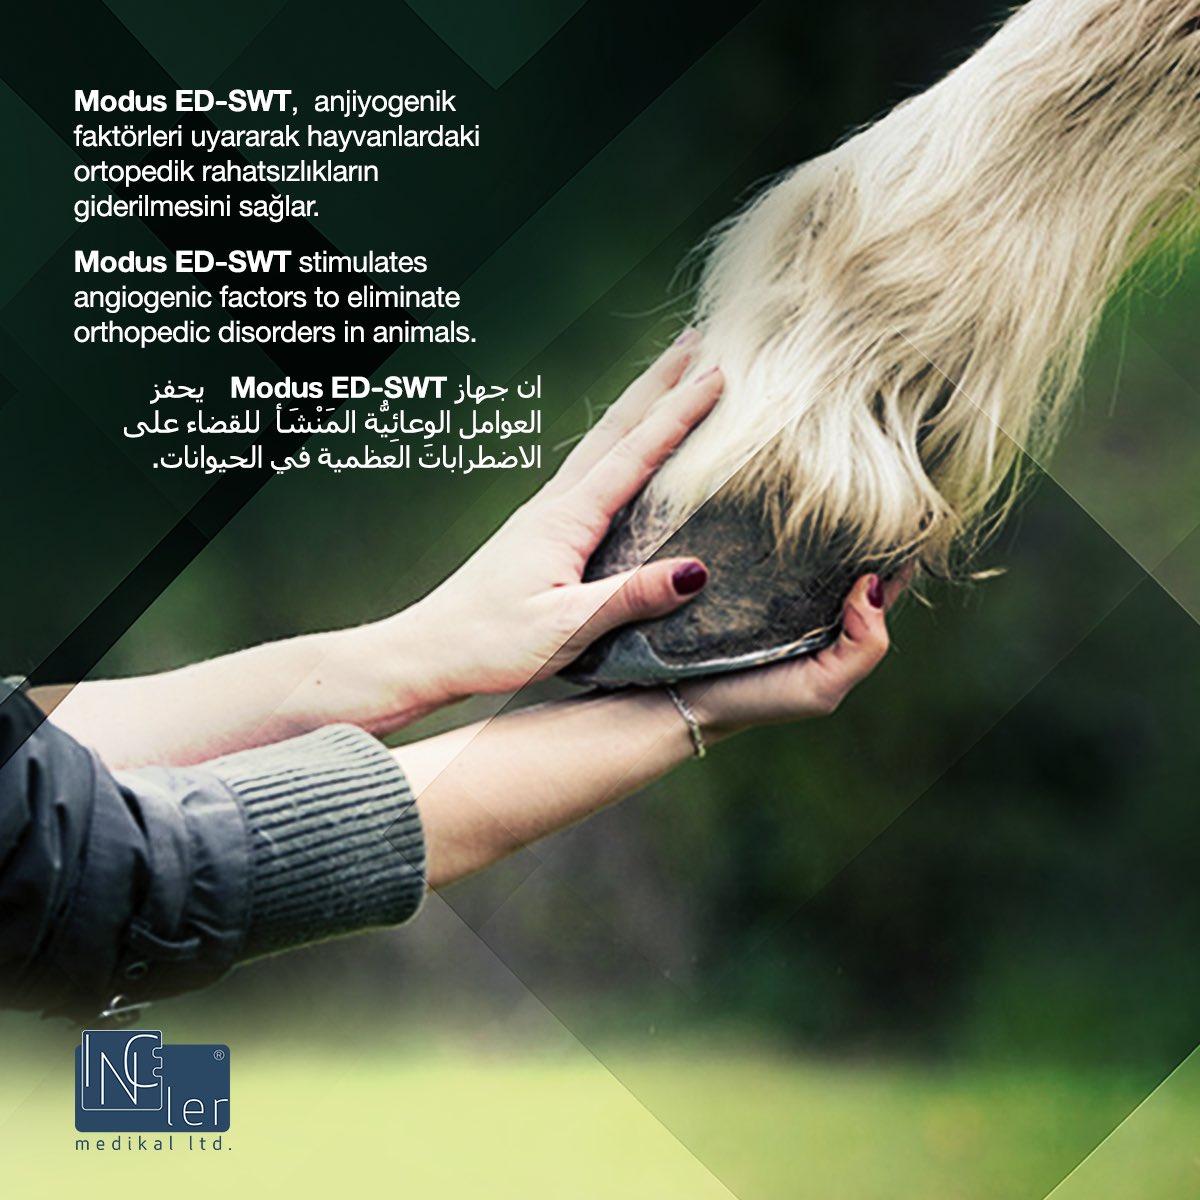 Modus ED-SWT anjiyogenik faktörleri uyararak hayvanlardaki ortopedik rahatsızlıkların giderilmesini sağlar.  Modus ED-SWT stimulates angiogenic factors to eliminate orthopedic disorders in animals.  http://www.incelermedikal.com  #edswt #edswttedavisi #fizyoterapist #fizyoterapi #eswtpic.twitter.com/aK5nGIMJvJ